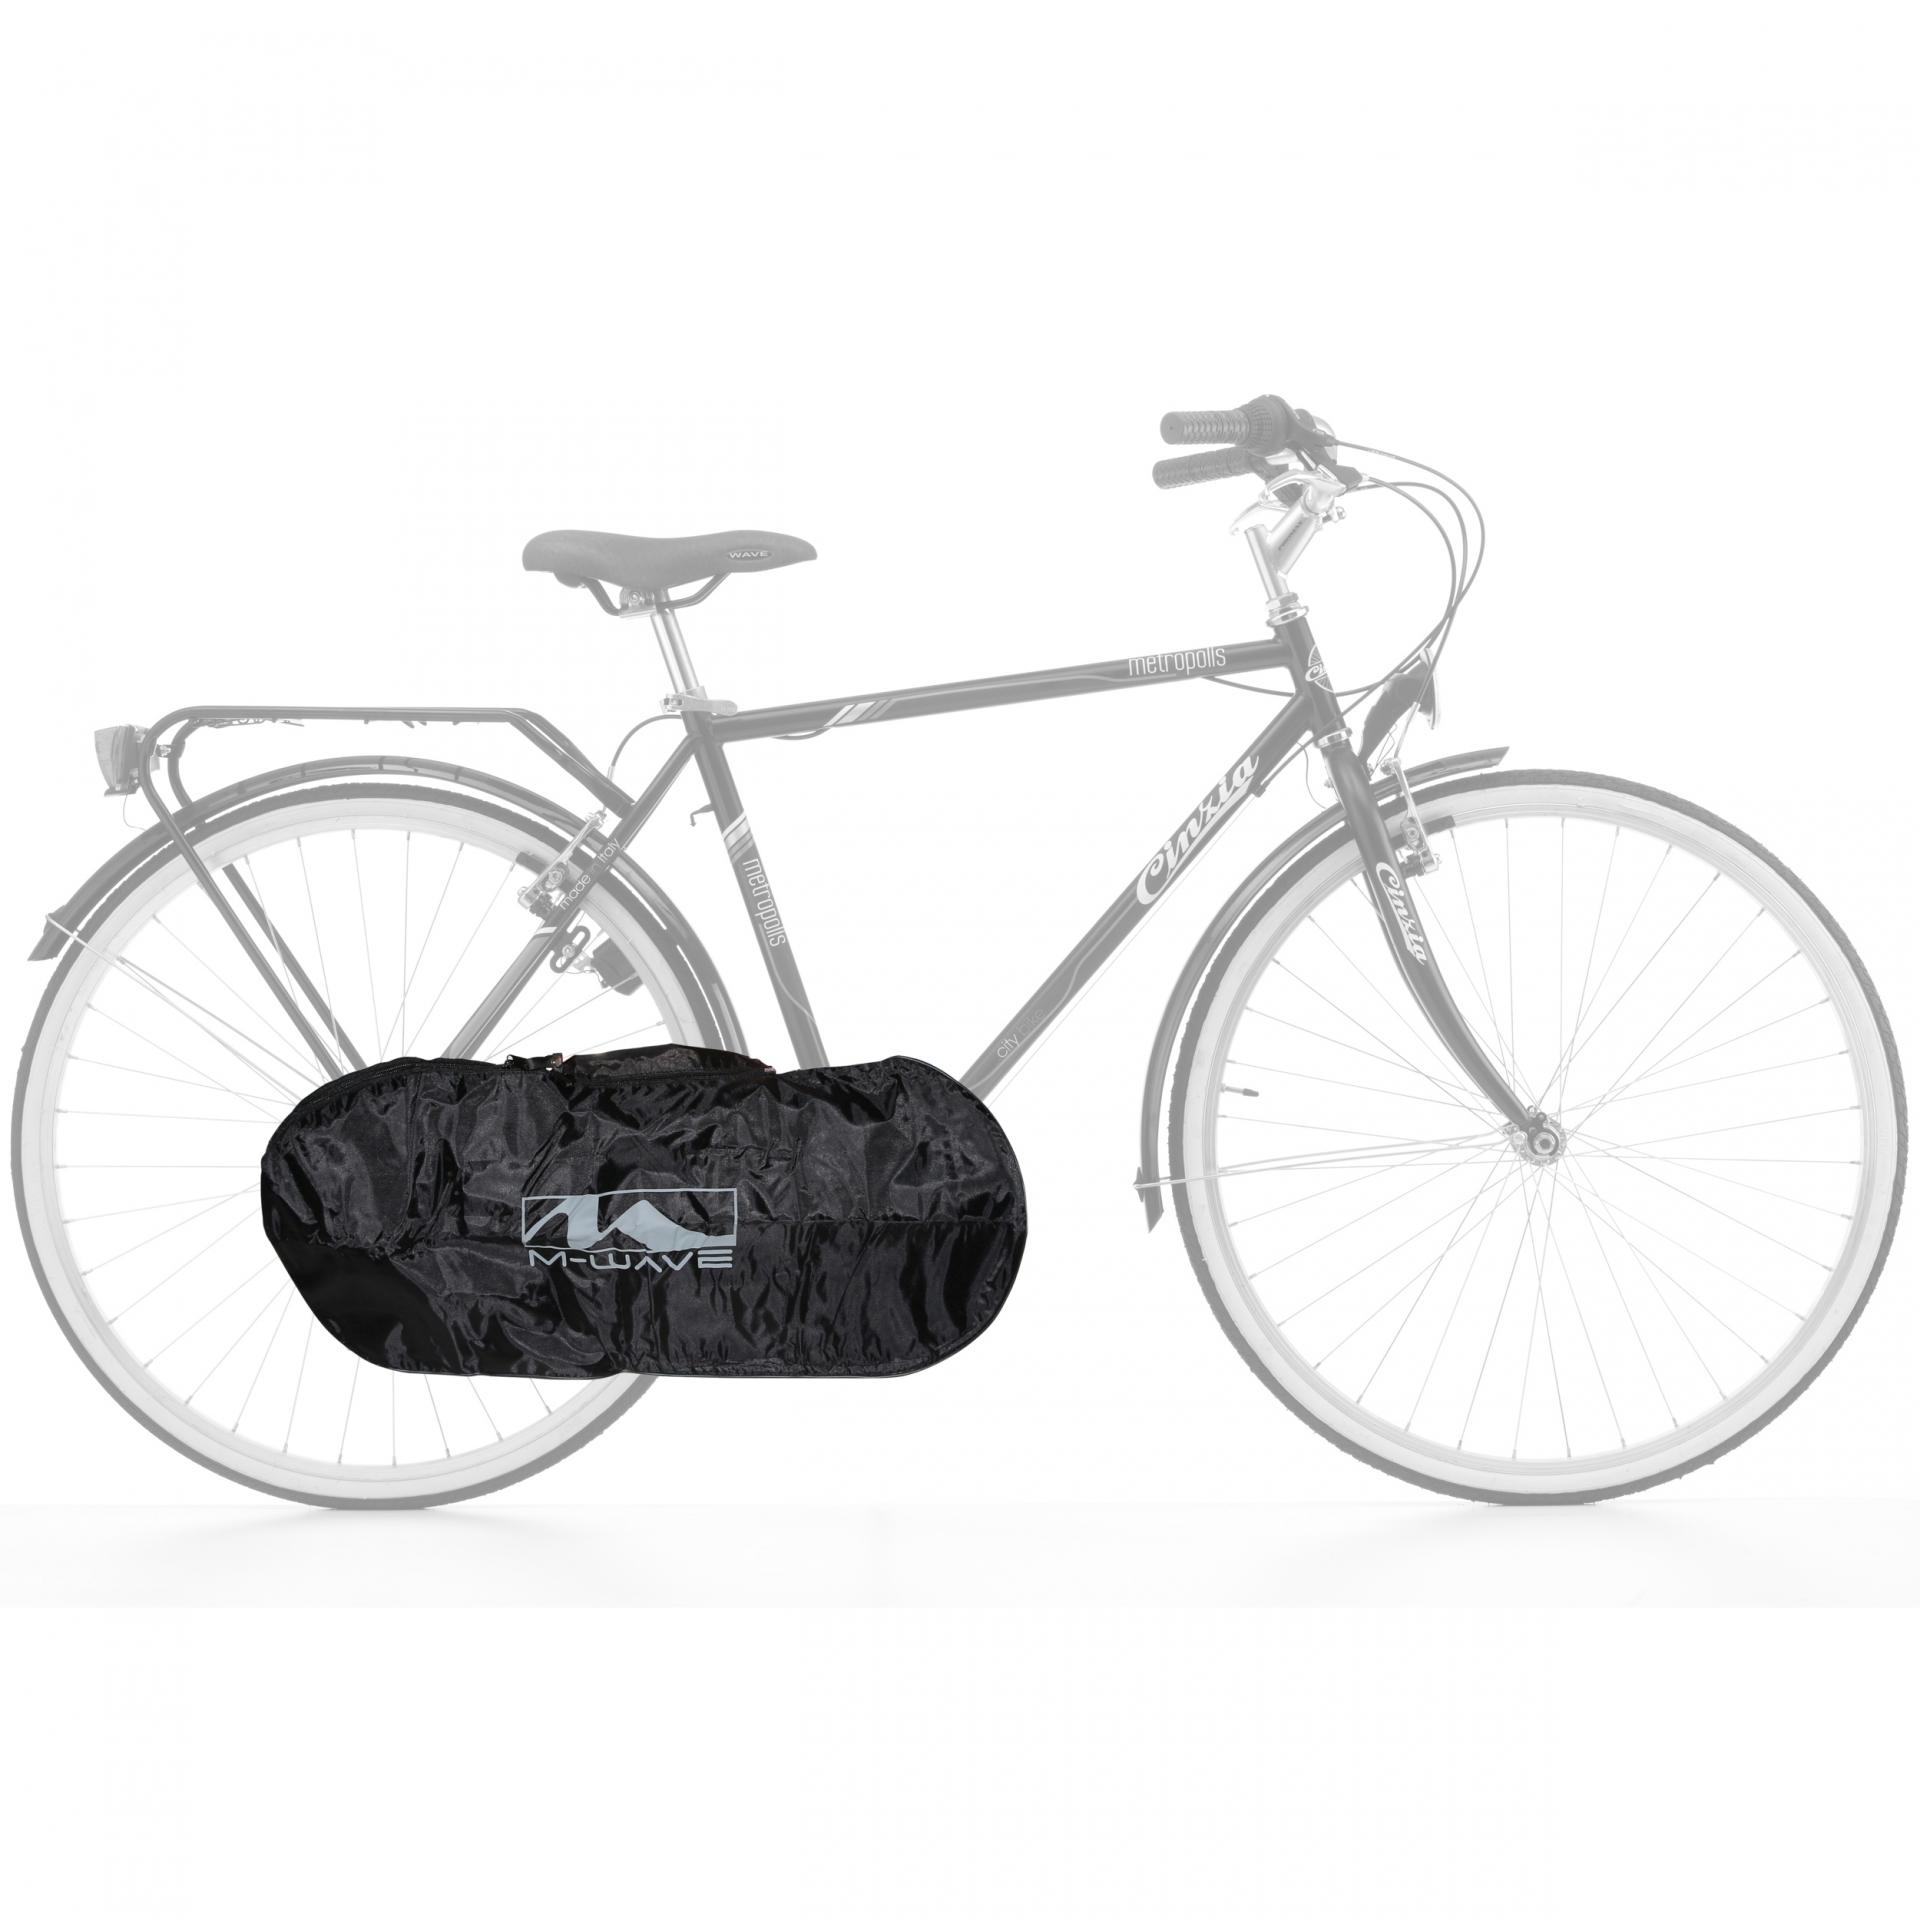 Housse de protection pour transmission vélo M-Wave Noir